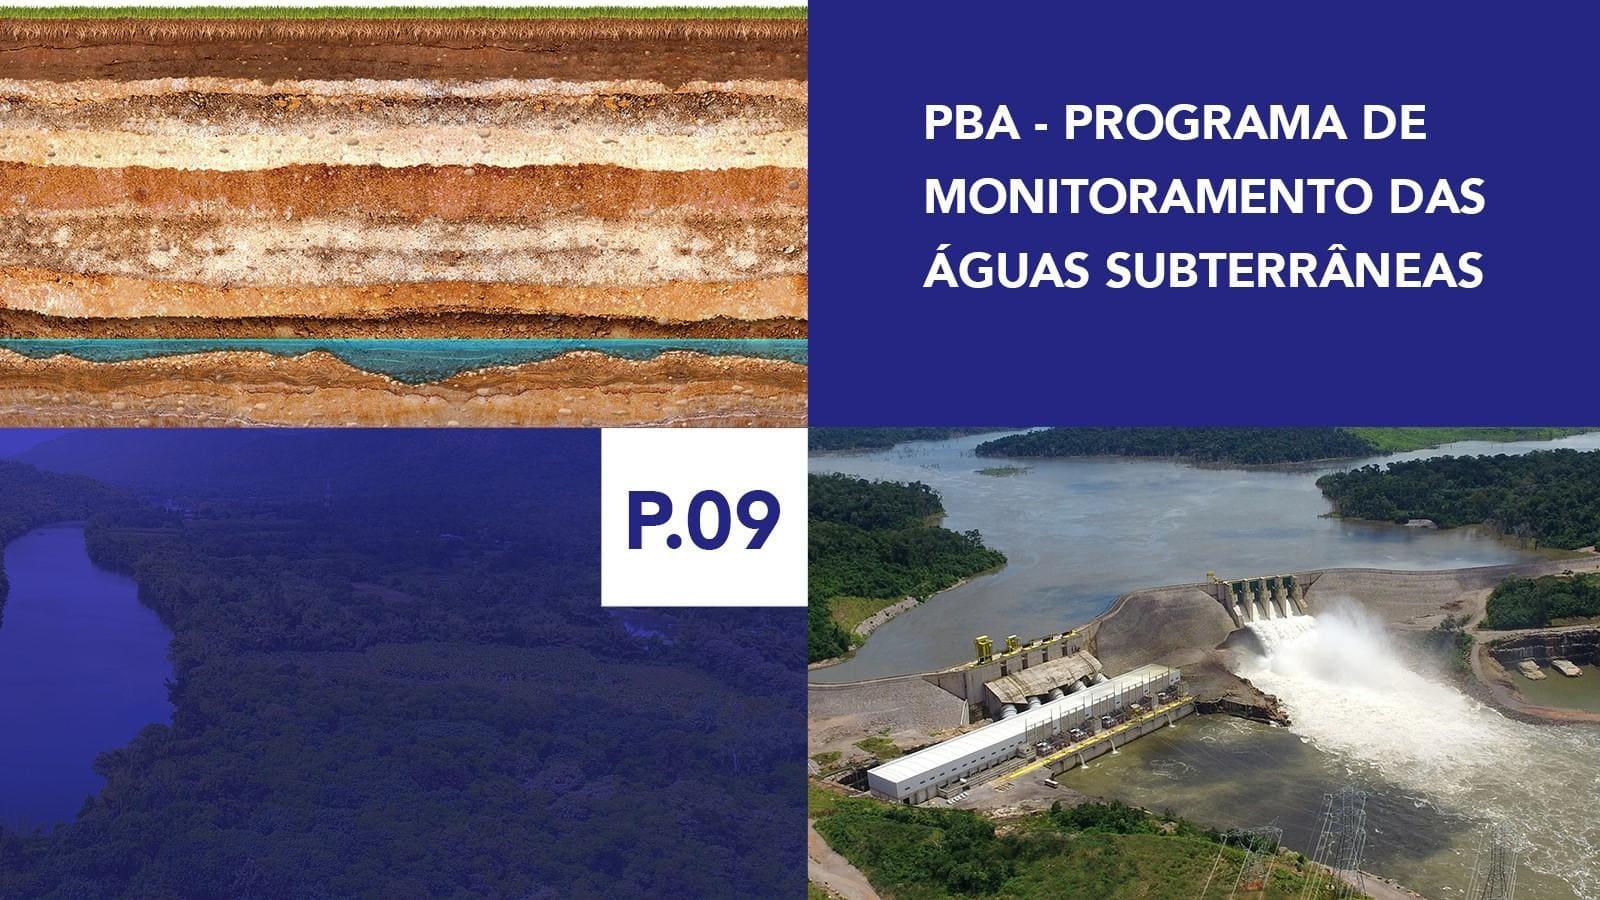 P.09 - Programa de Monitoramento das Águas Subterrâneas